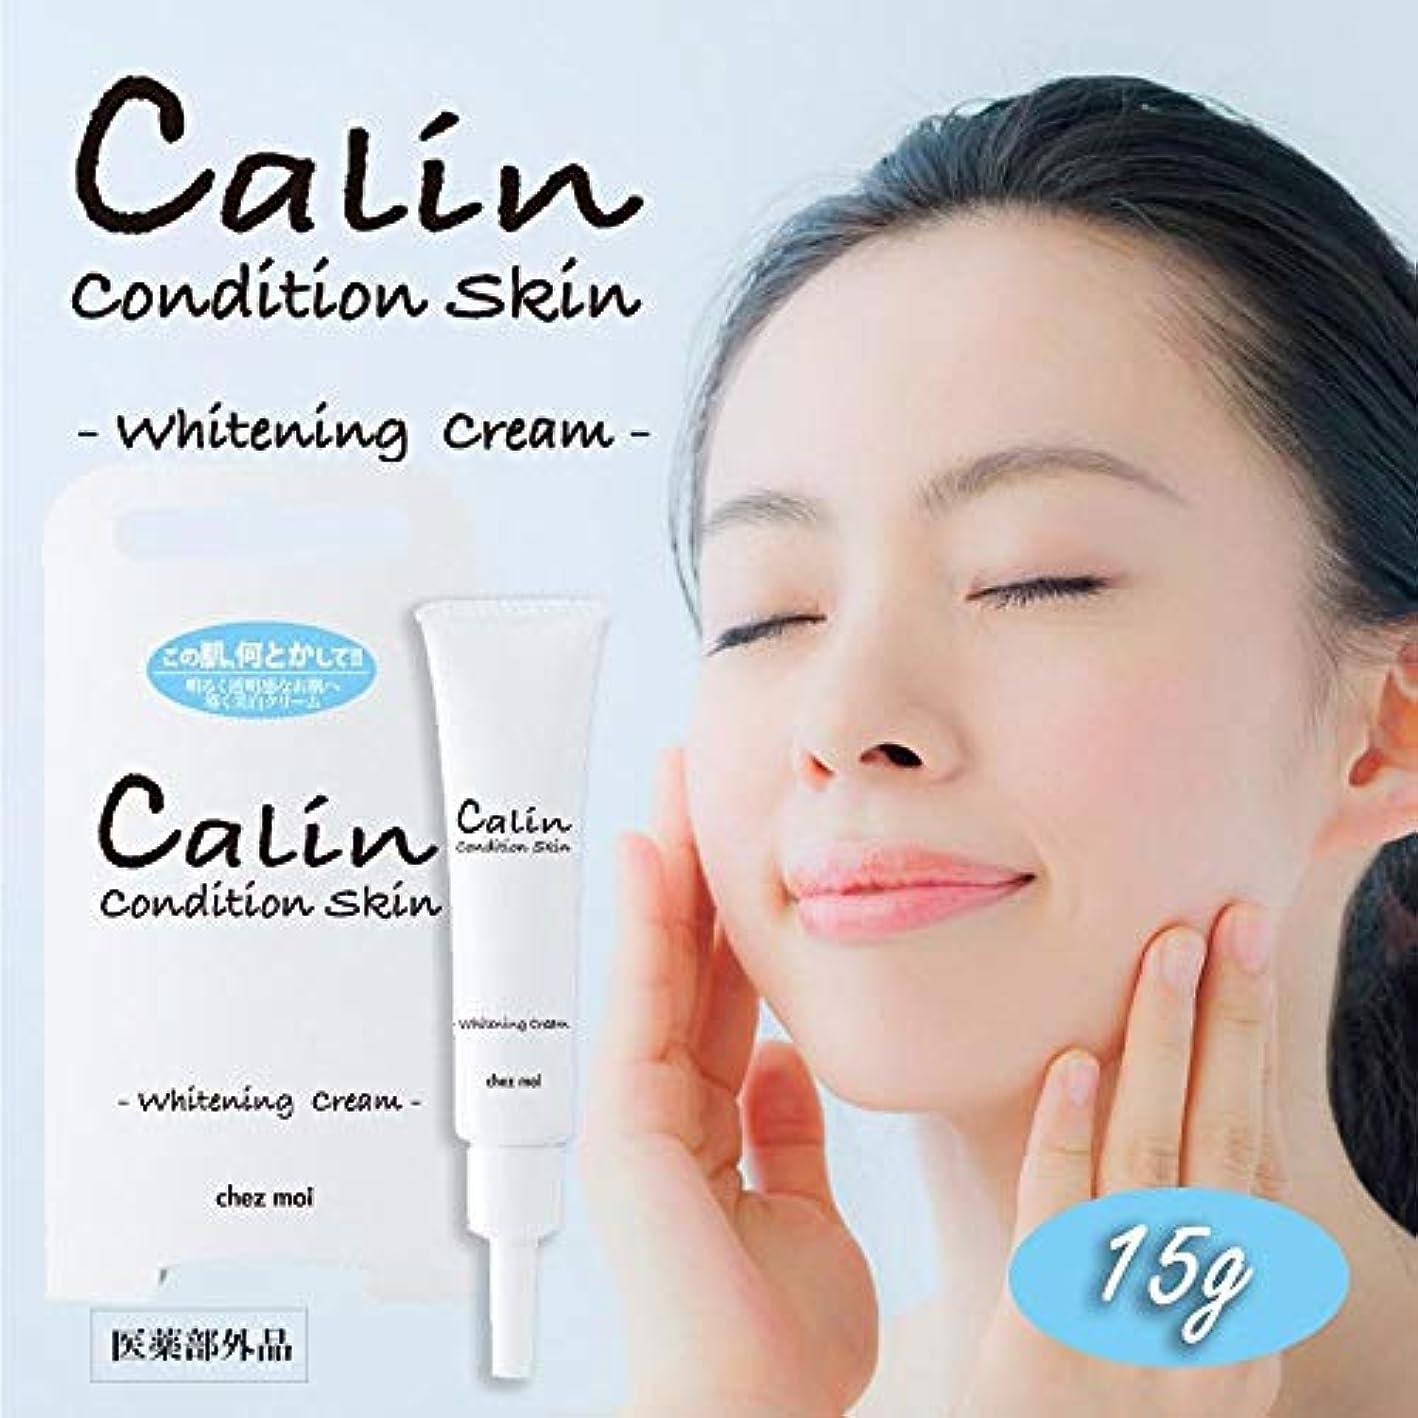 不承認メディック突き刺すCalin(カリン) Condition Skin ‐Whitening Cream‐(ホワイトニングクリーム) 医薬部外品 15g